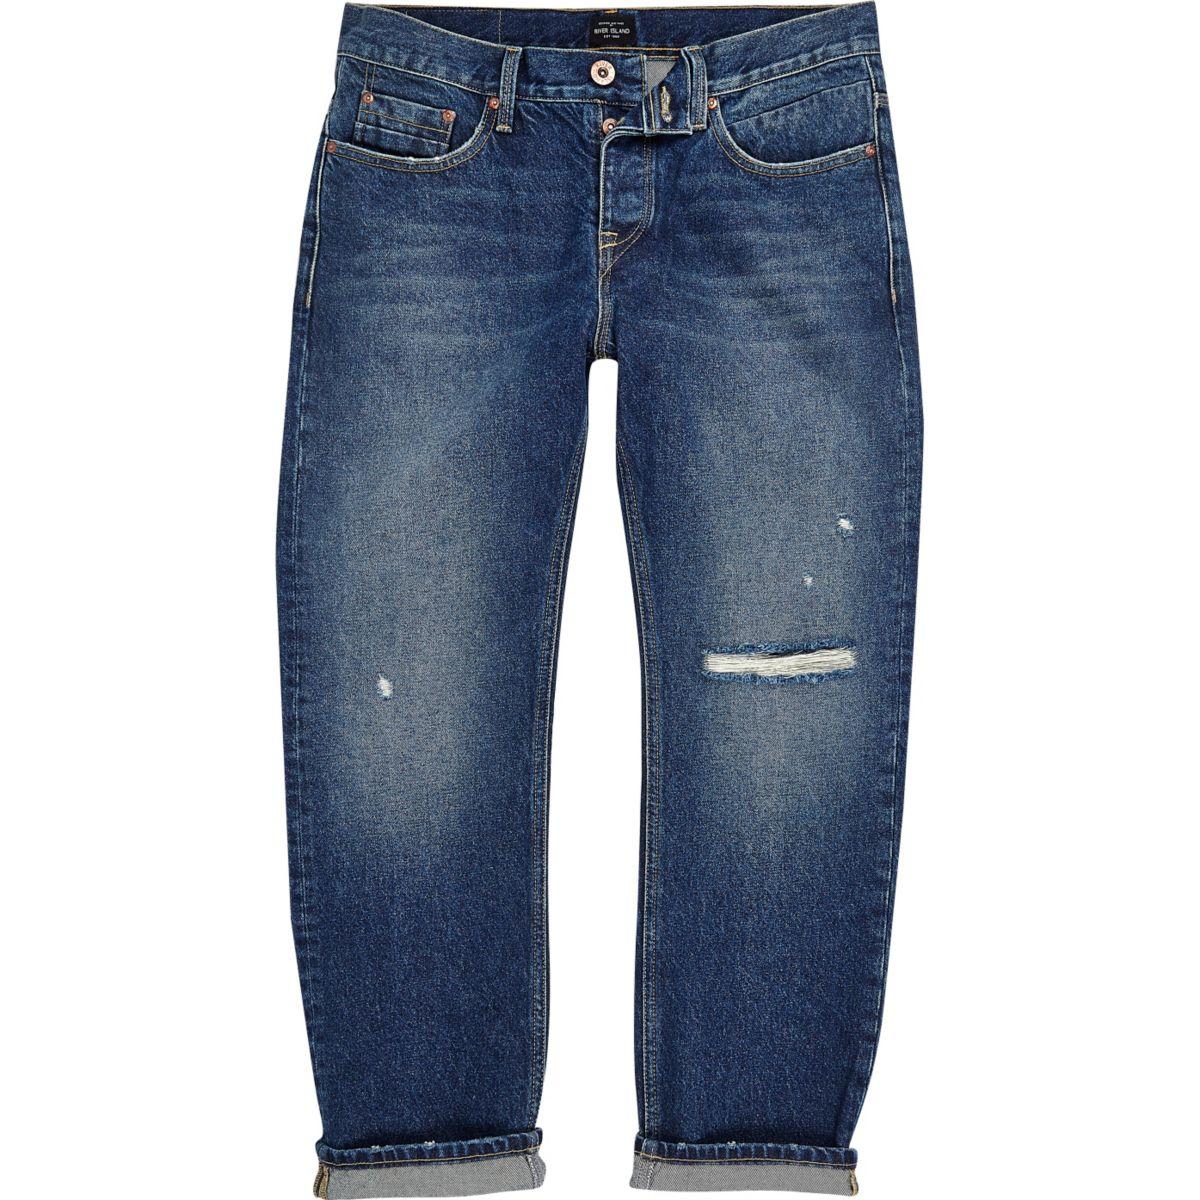 Cody - Blauwe wash distressed jeans met ruime pasvorm